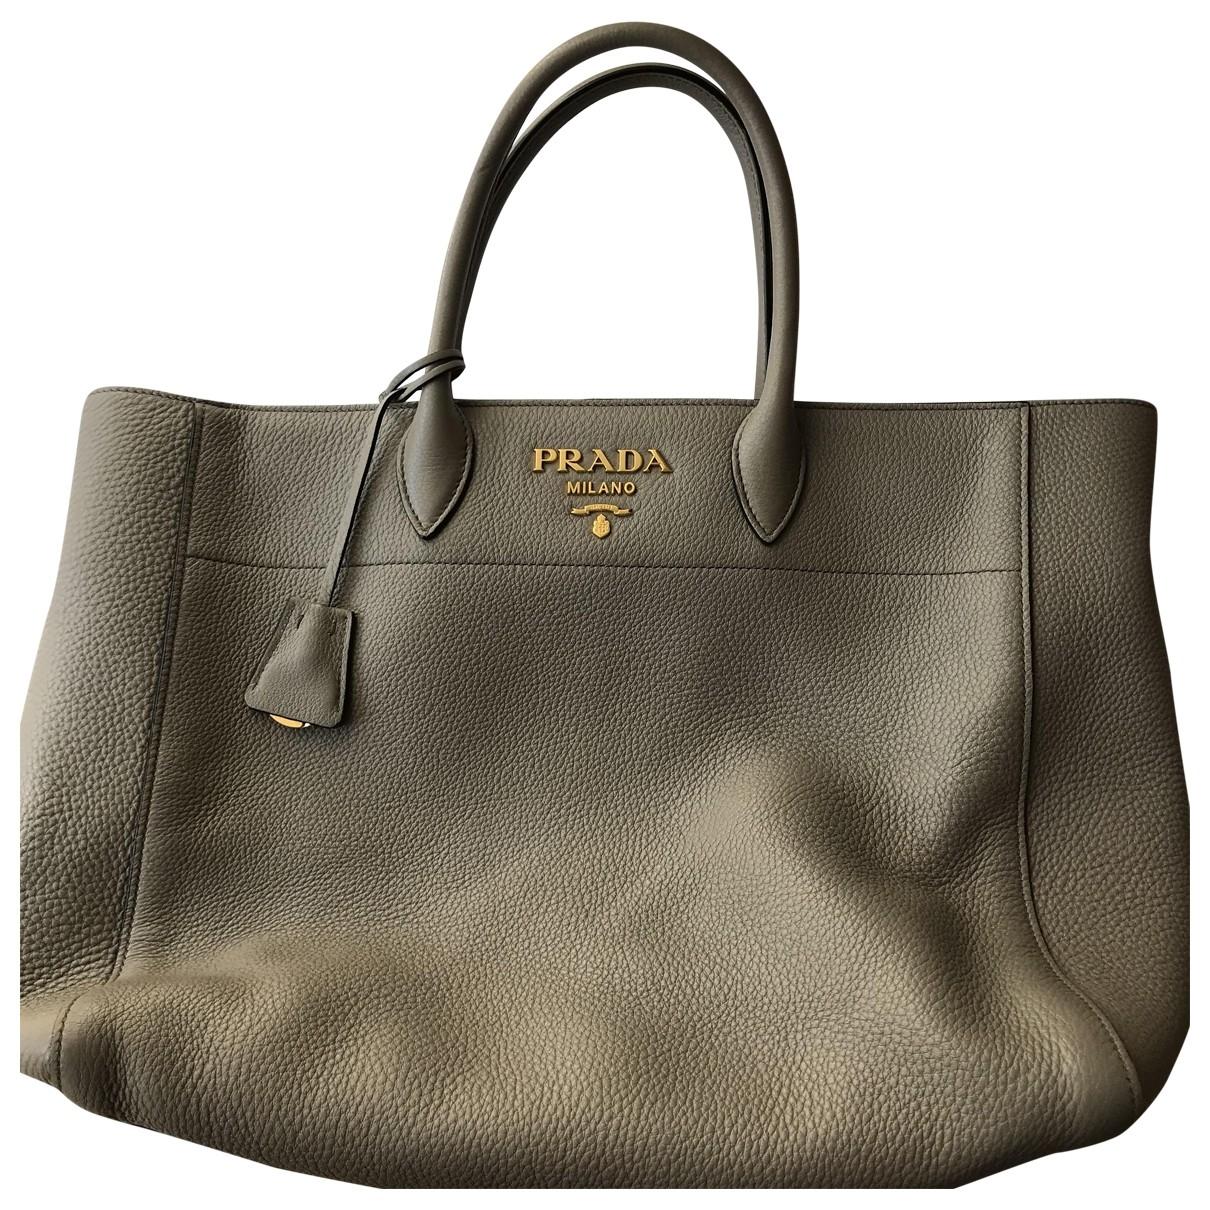 Prada - Sac a main   pour femme en cuir - gris